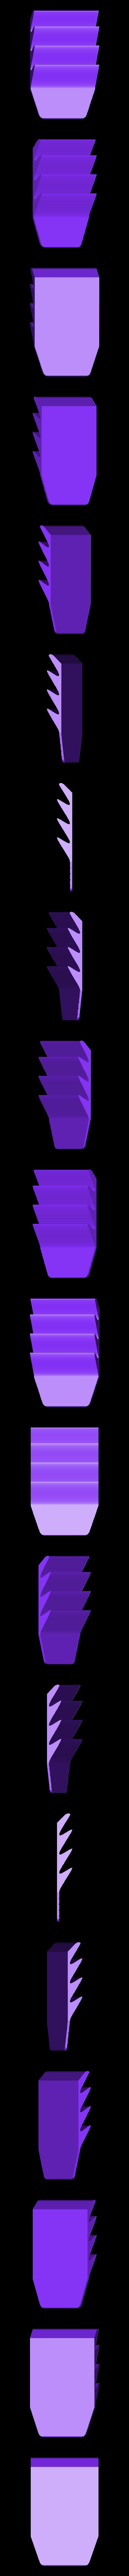 SLIM_75mmWide_1of2_MaskPleatJig_20200507.stl Télécharger fichier STL gratuit Gabarit de plissage pour masques en tissu - Covid-19 • Design pour impression 3D, tonyyoungblood